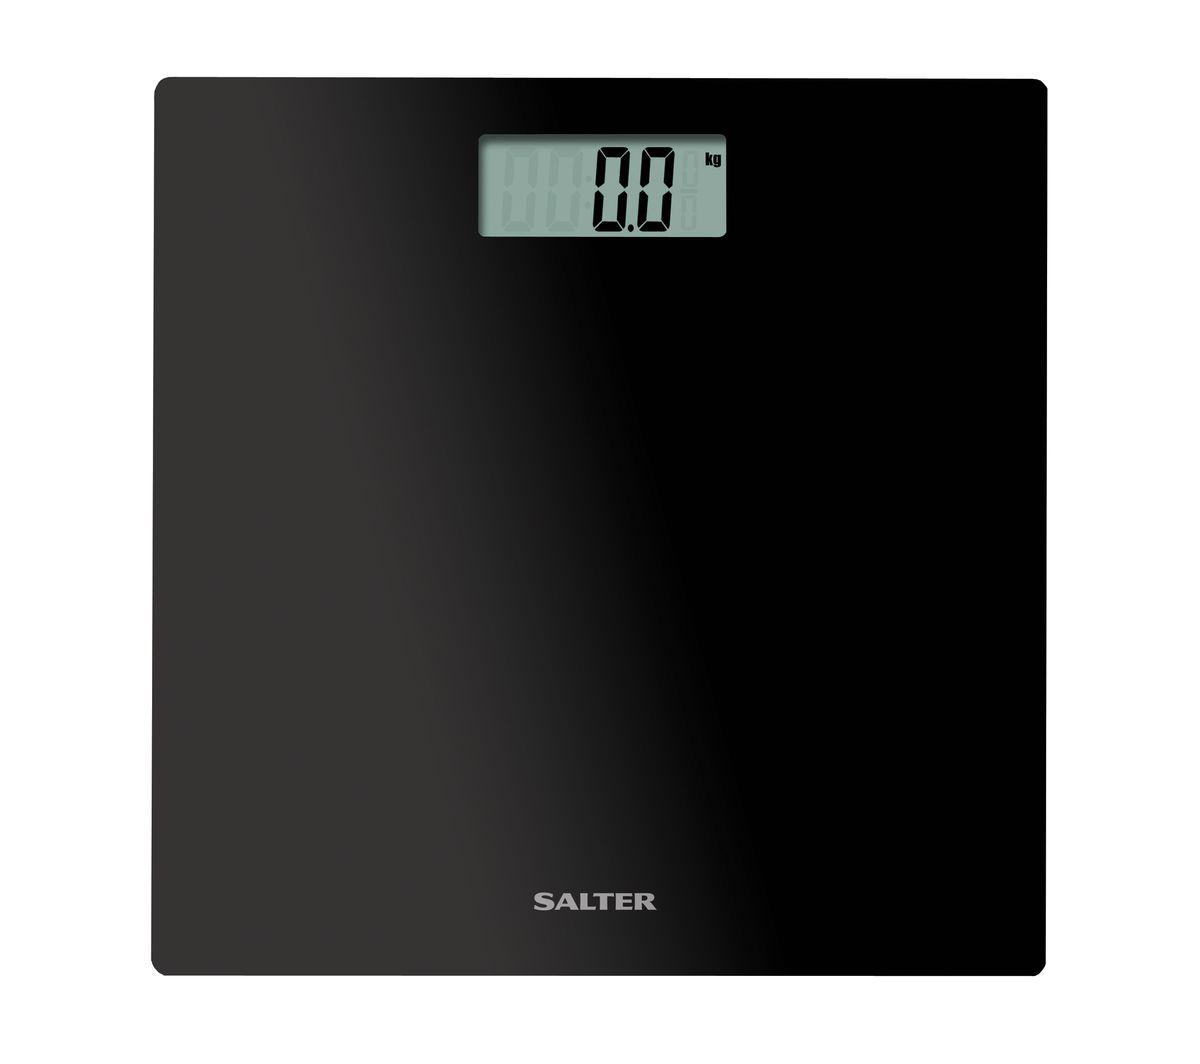 Salter 9069 BK3R напольные весы9069 BK3RНапольные весы стильного дизайна, свертонкая стеклянная платформа. Компактная конструкция для легкого хранения. Функция включения весов при прикосновении. Легко читаемый широкий дисплей. Максимальный вес измерения 180 кг. ЧЕРНЫЙ ЦВЕТ